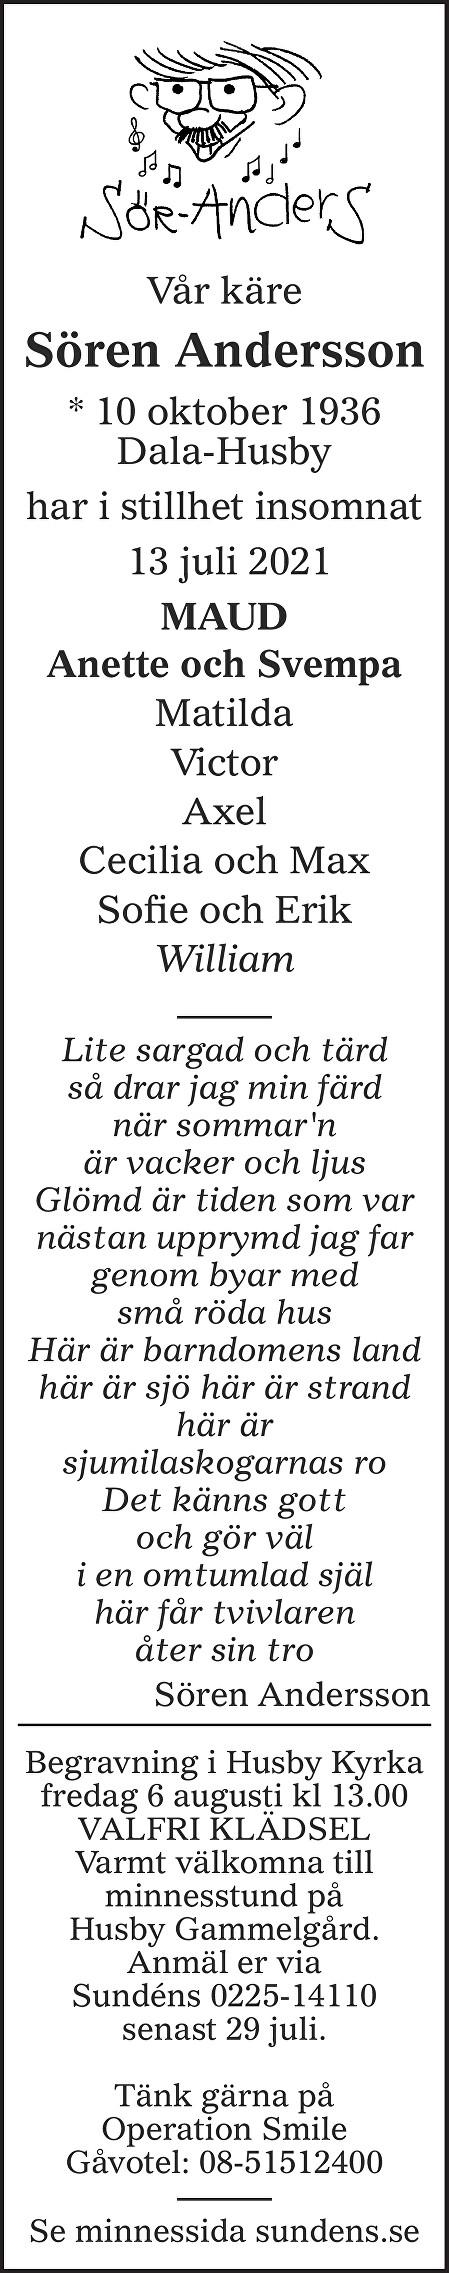 Sören Andersson Death notice